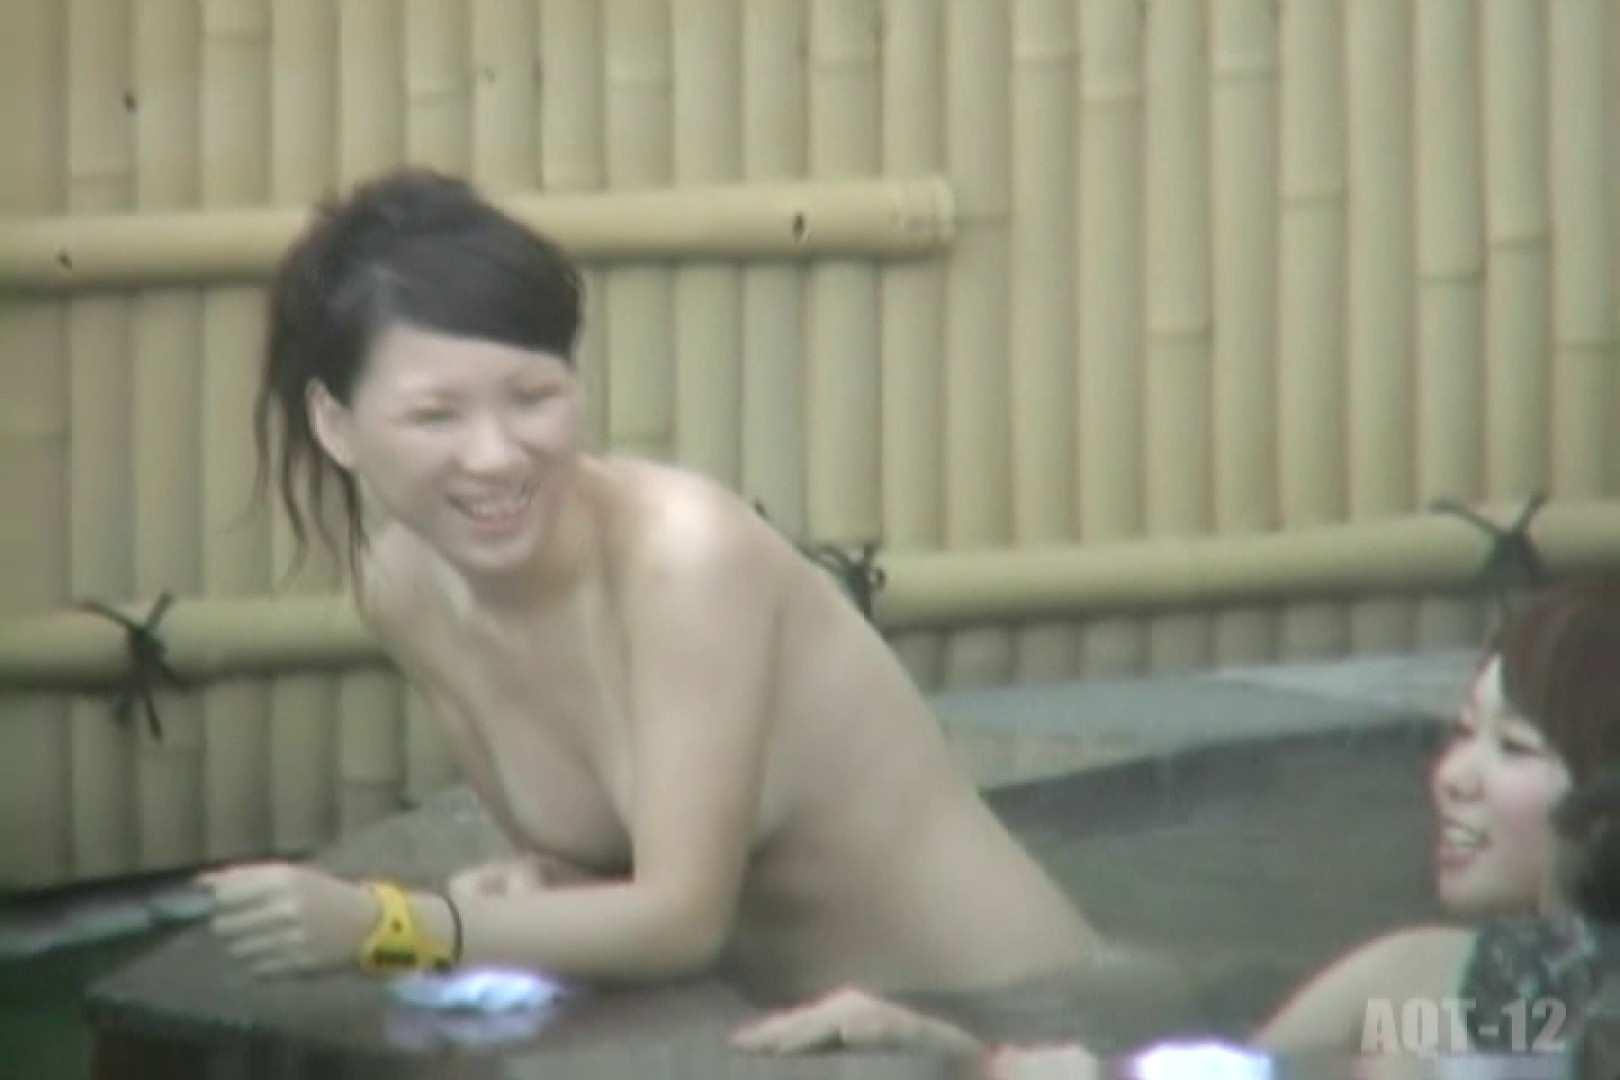 Aquaな露天風呂Vol.805 盗撮動画 | 露天風呂  11枚 1